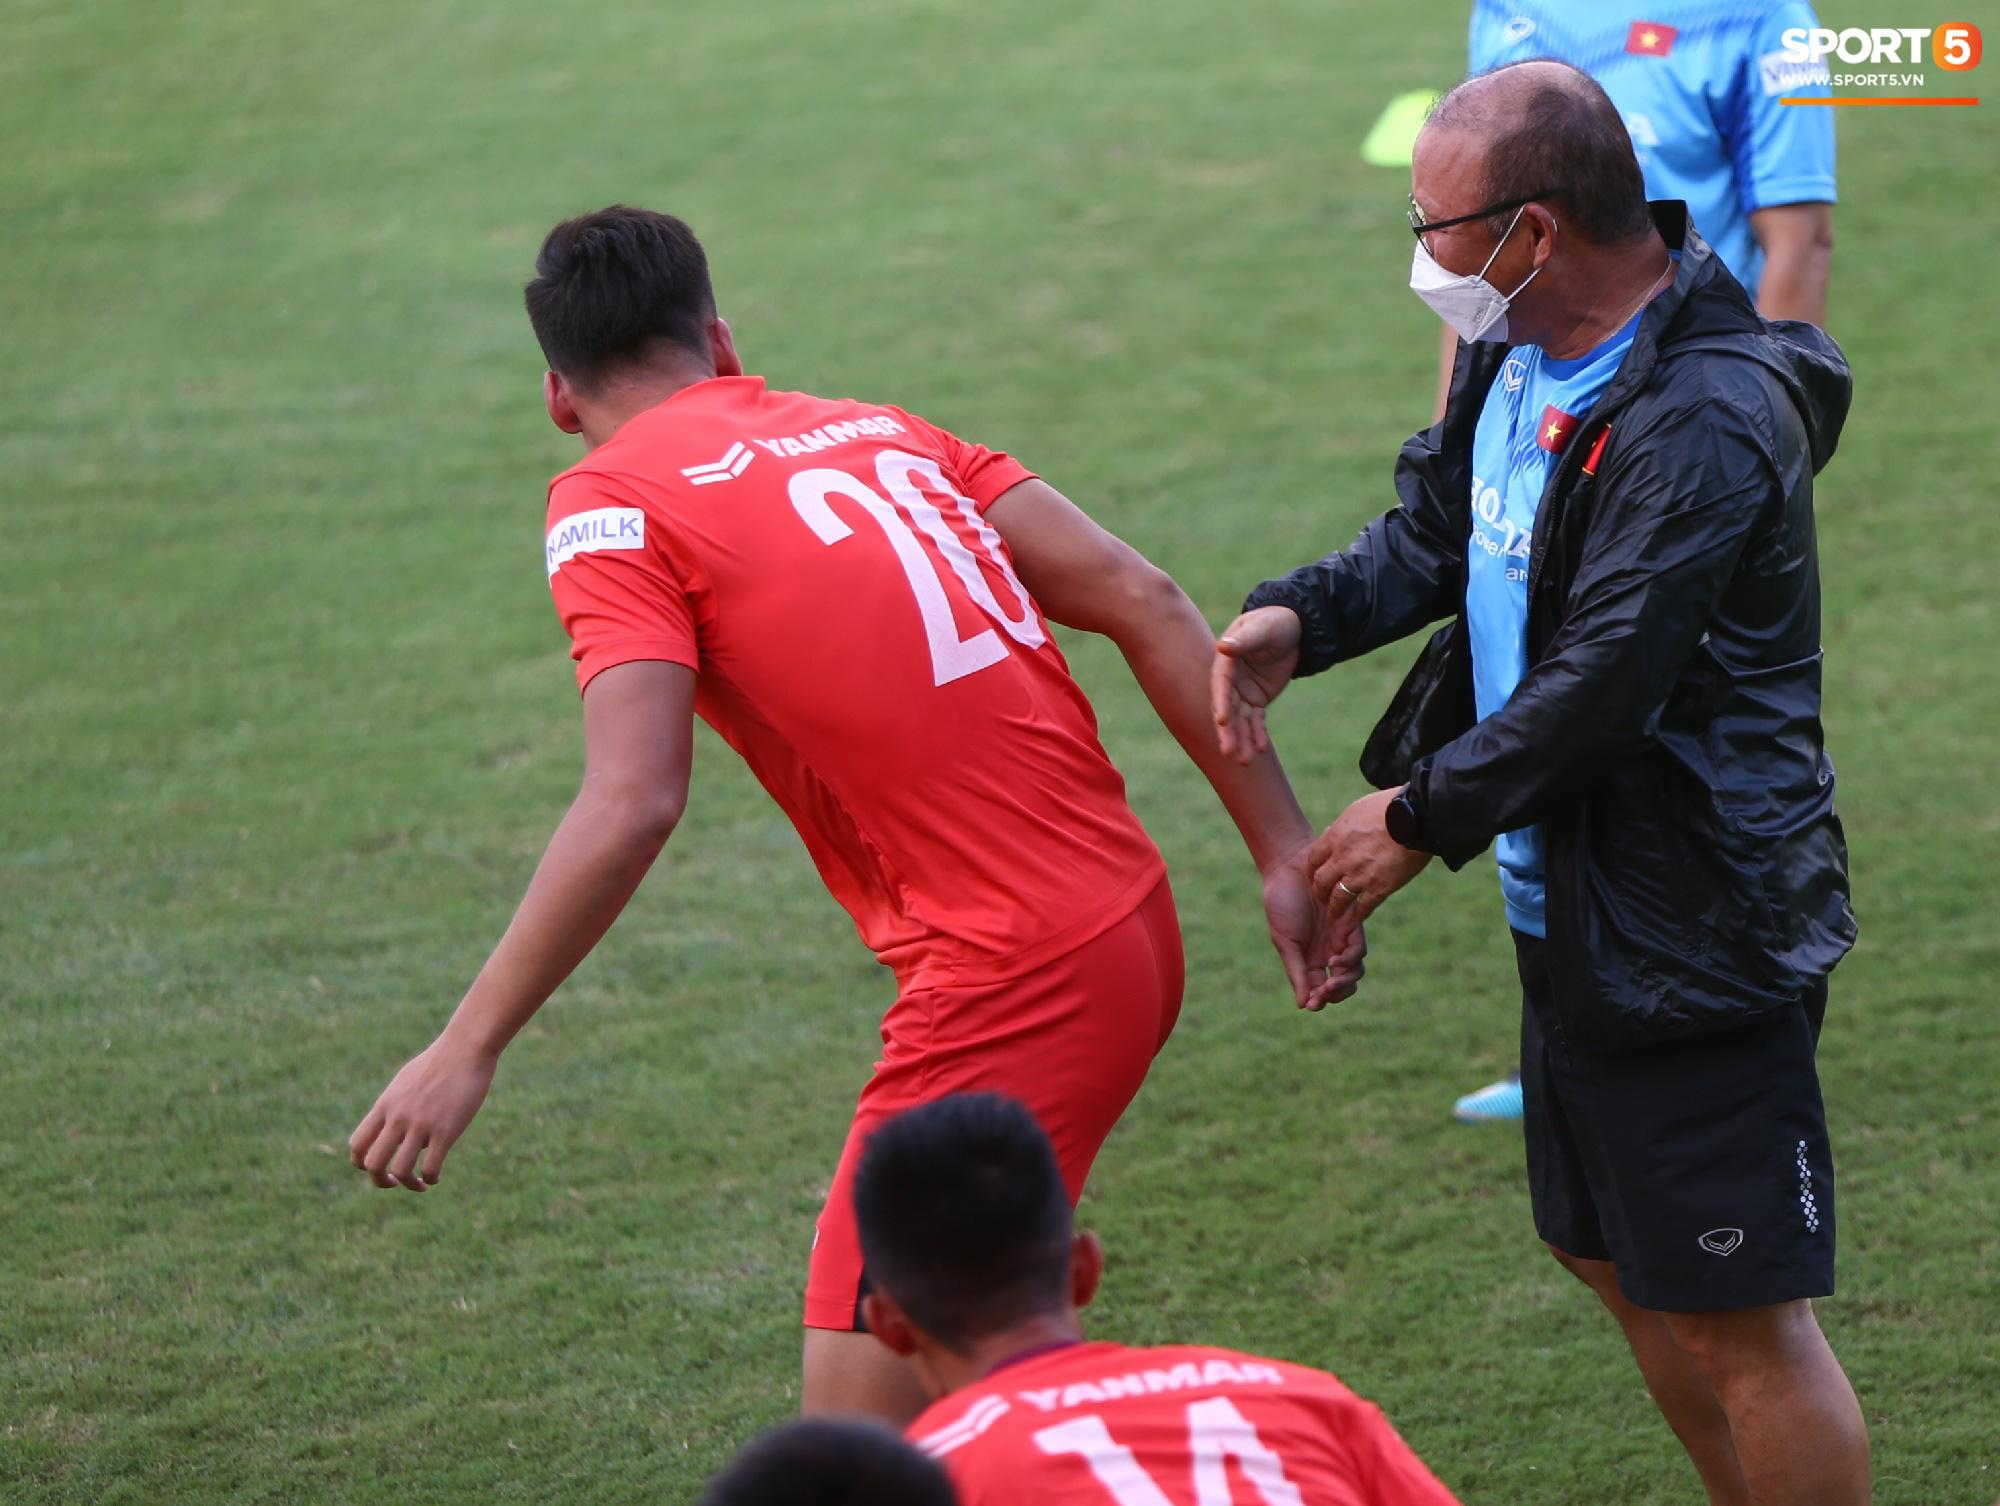 Cầu thủ U22 Việt Nam giải cứu chiếc xe gặp sự cố khó đỡ, mắc kẹt vì cống thoát nước - Ảnh 4.